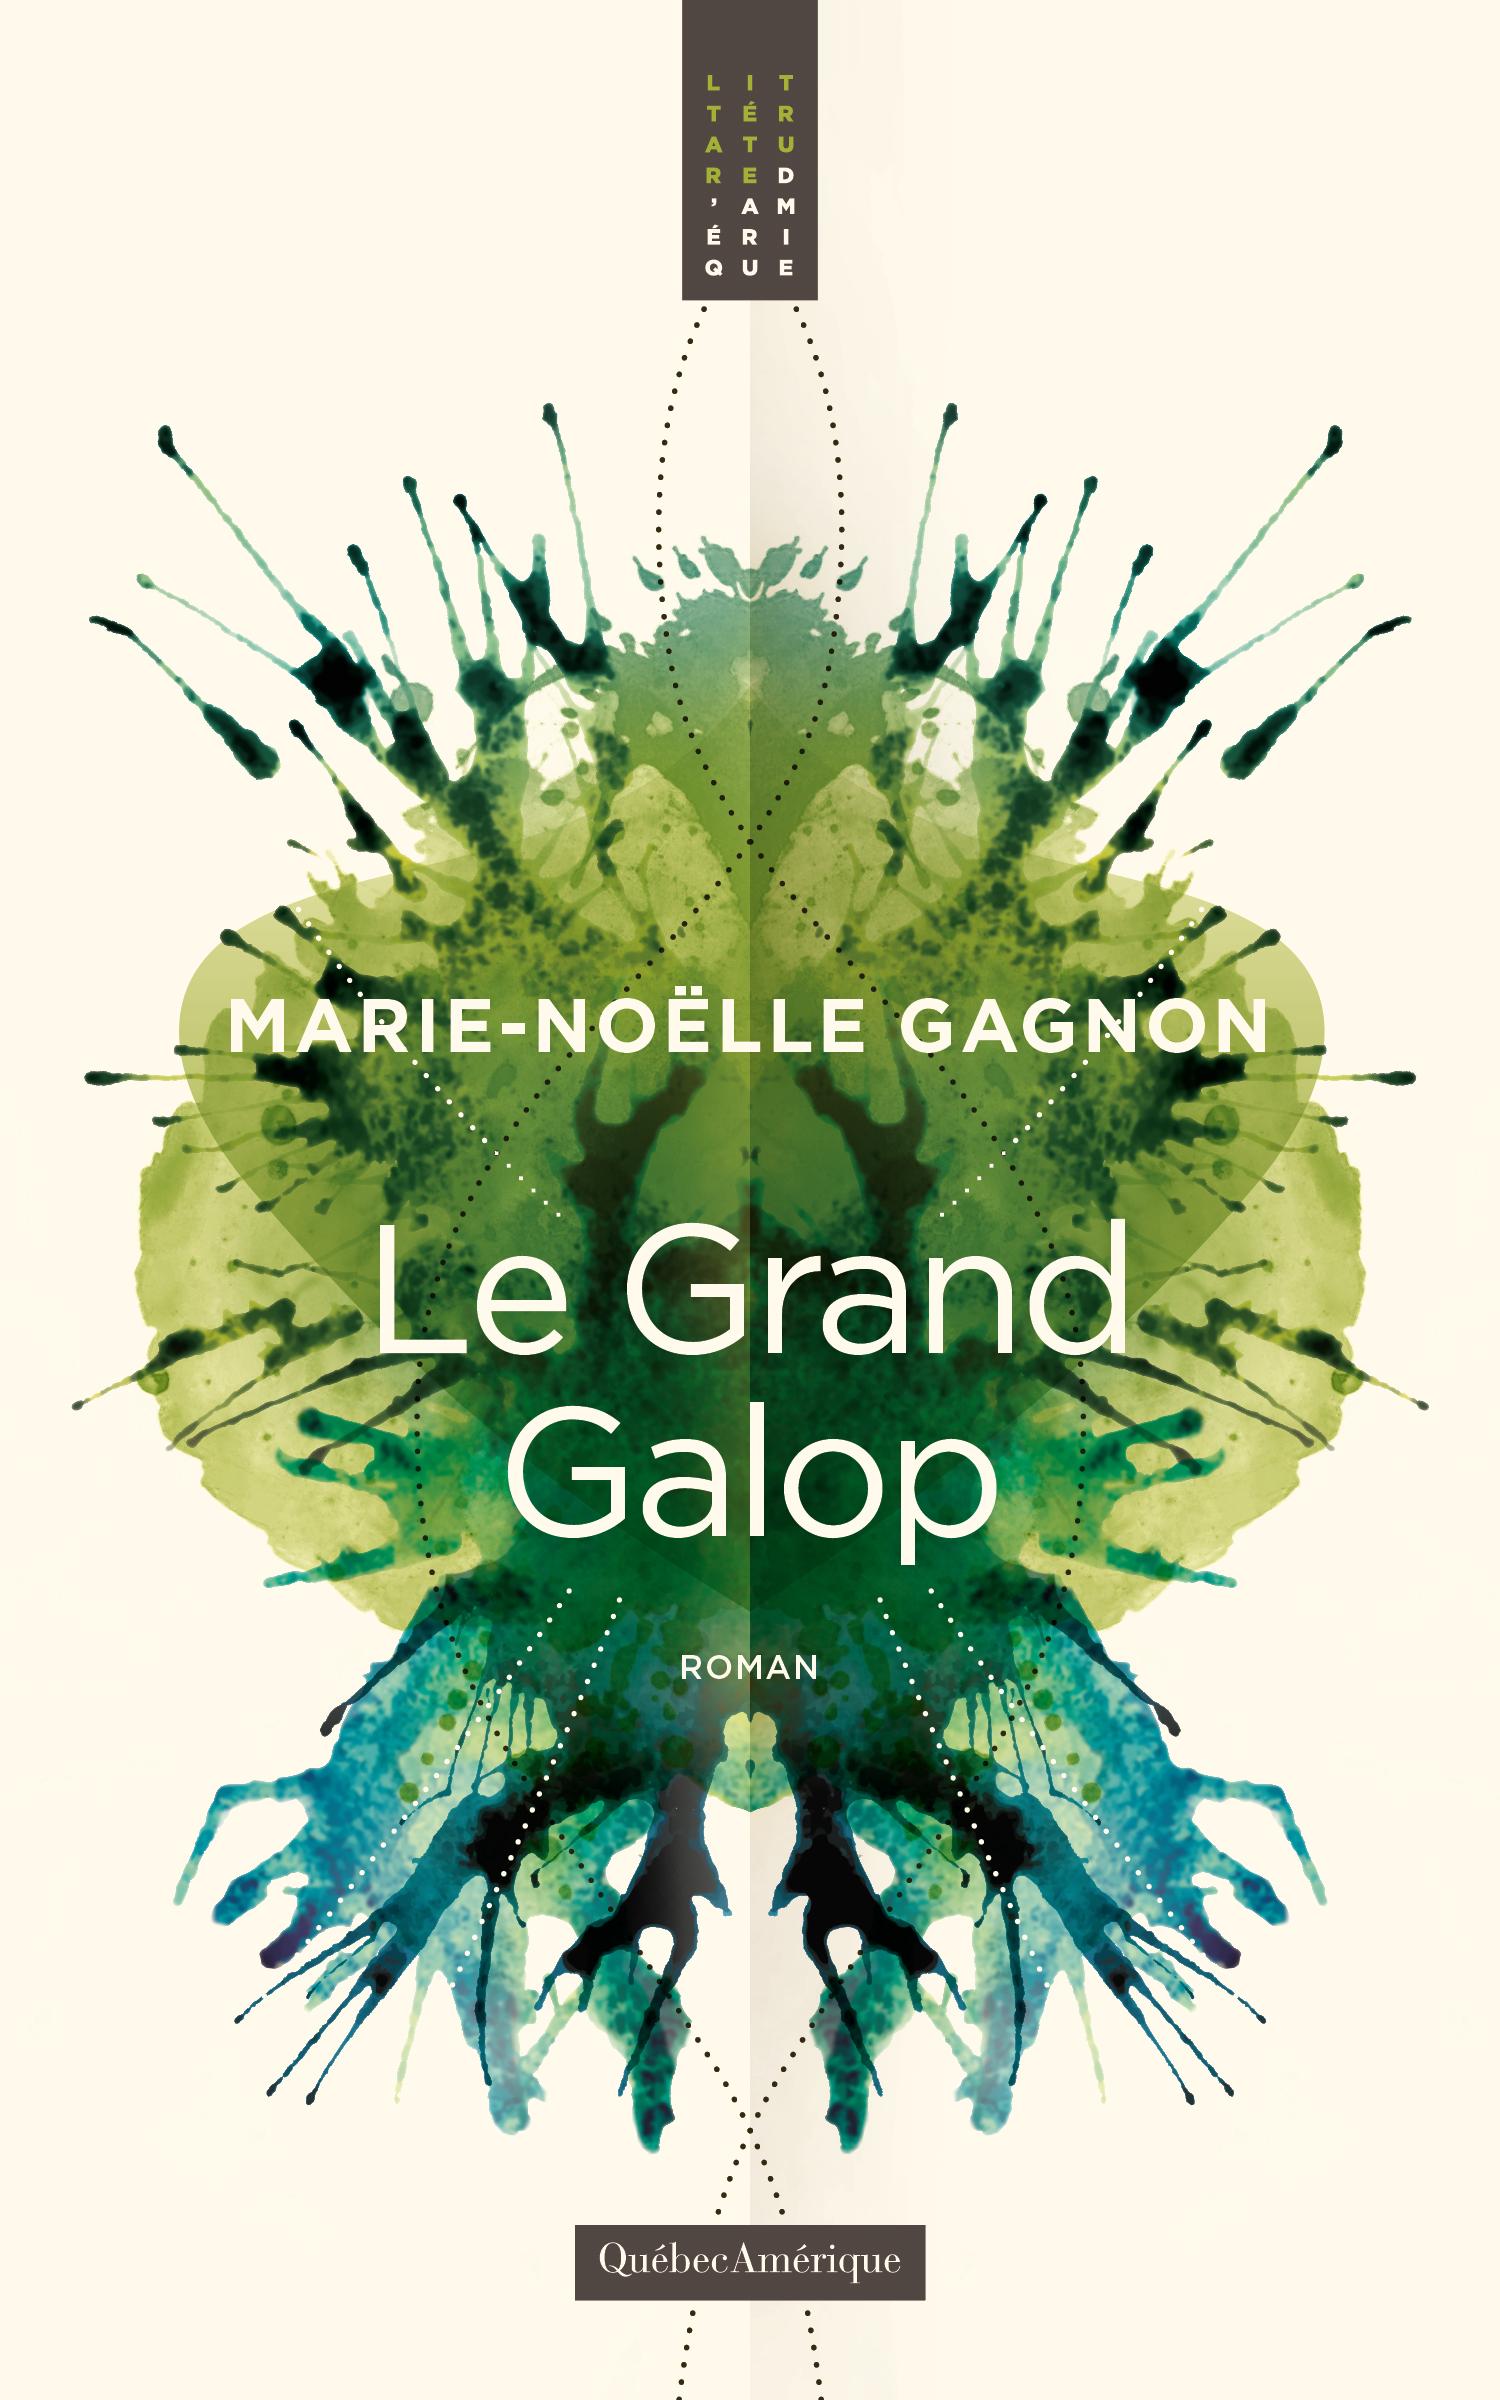 Le Grand Galop